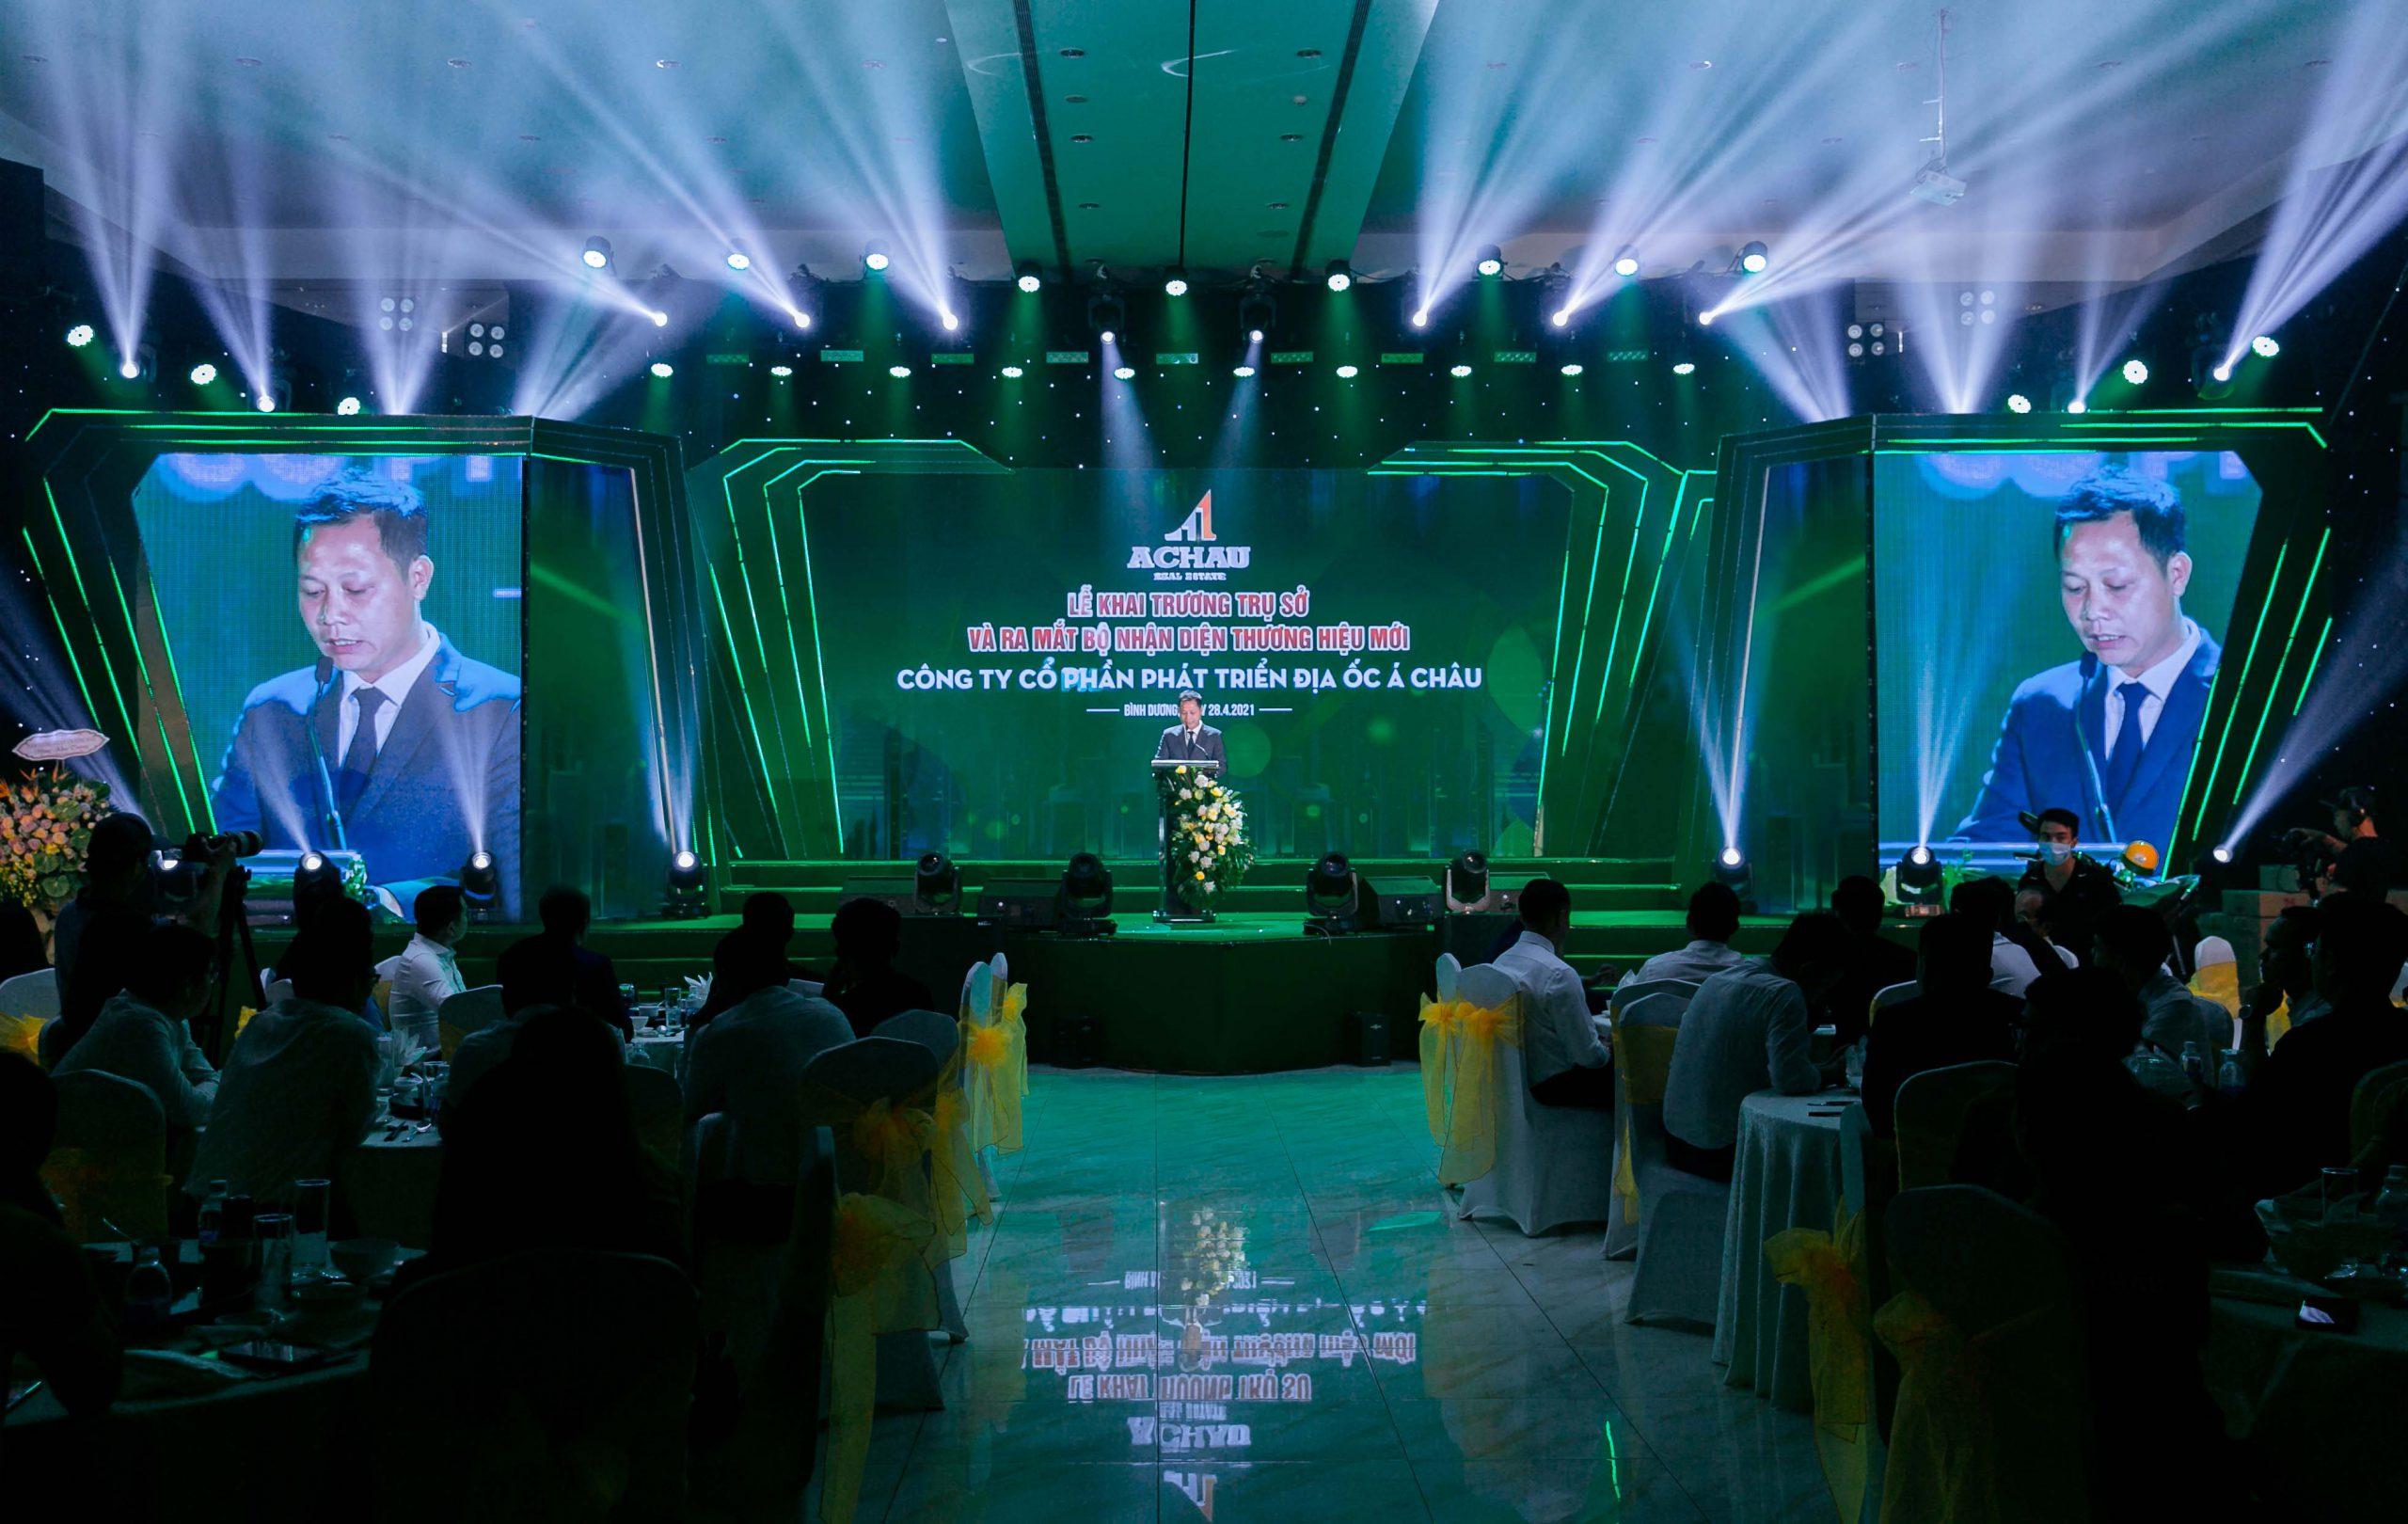 Ông Nguyễn Hữu Tạo – Giám đốc Địa ốc Á Châu phát biểu trong buổi lễ.